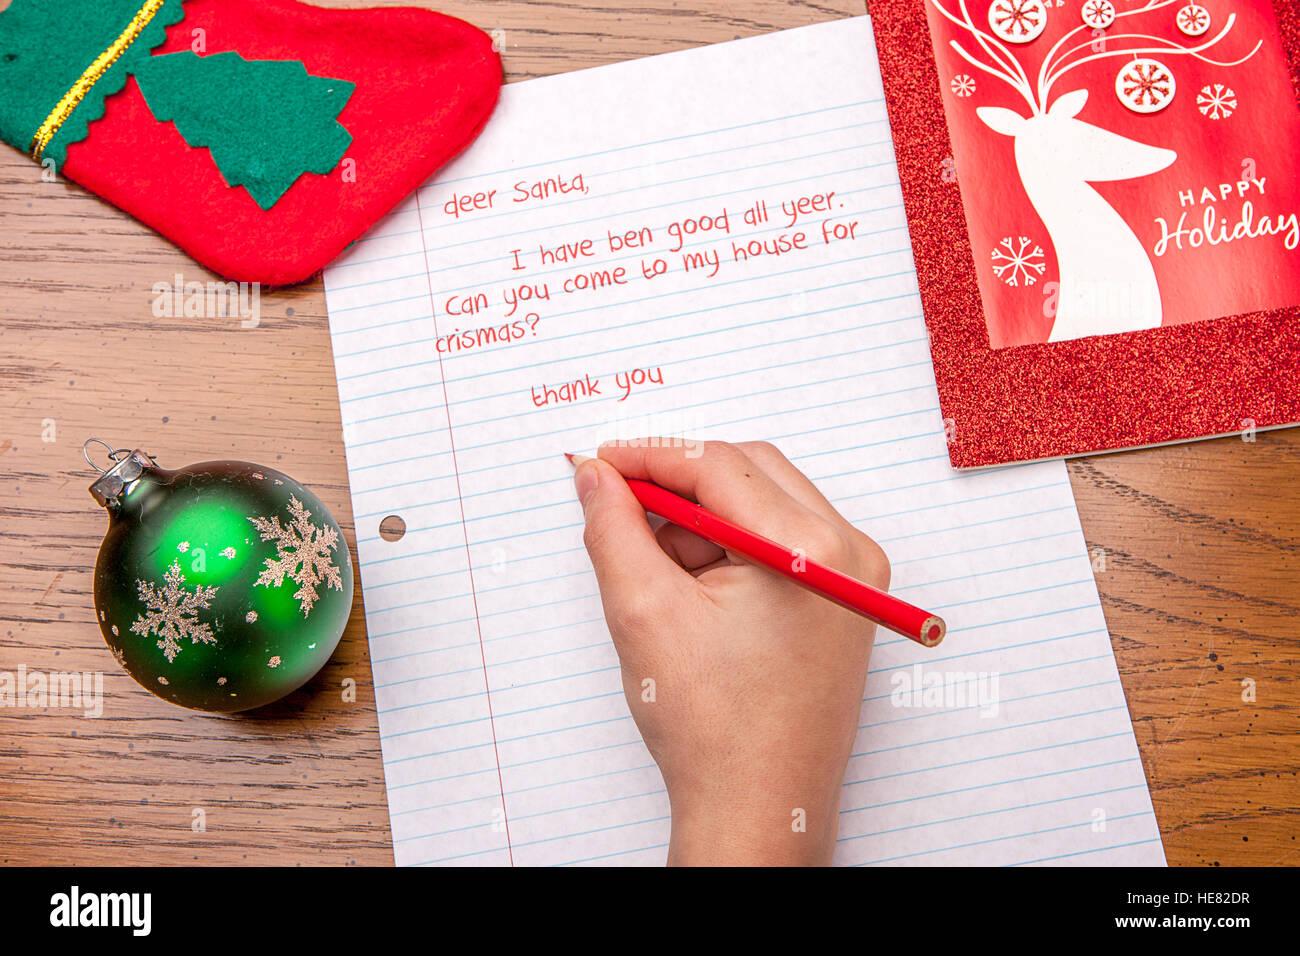 Bild Von Einer Kinderhand Schreiben Einen Brief An Den